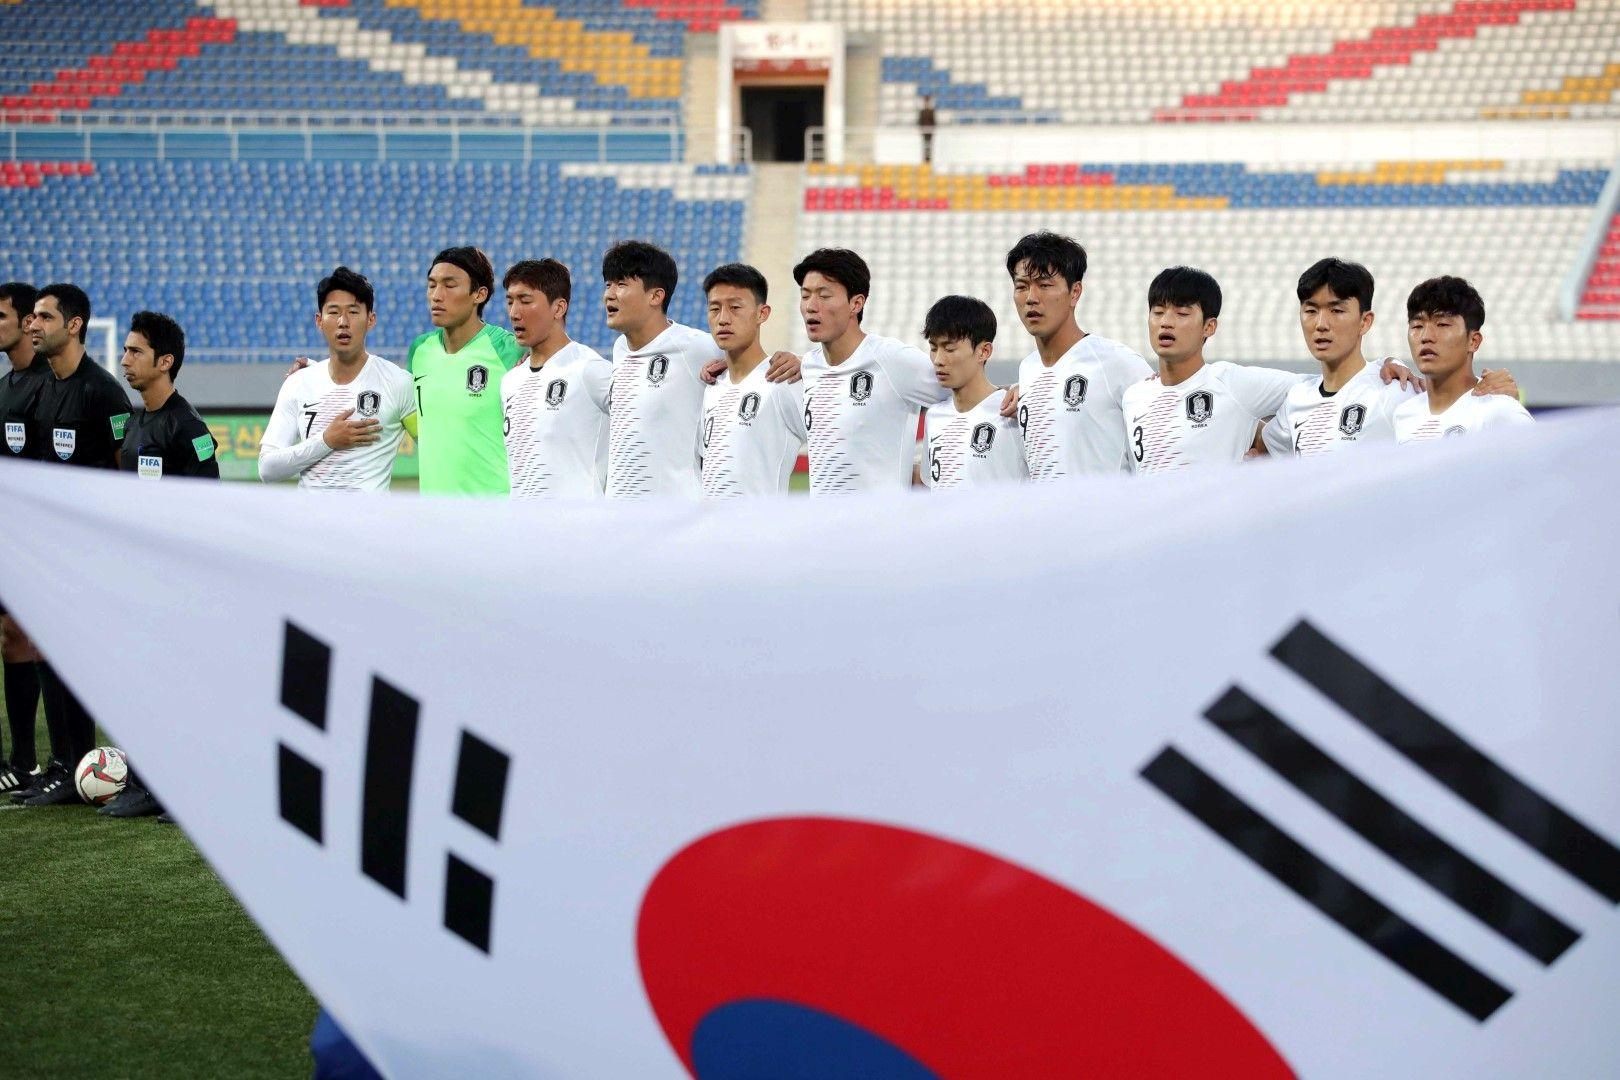 Южнокорейците чуха химна си и имаха знамето си на стадиона, както домакините обещаха